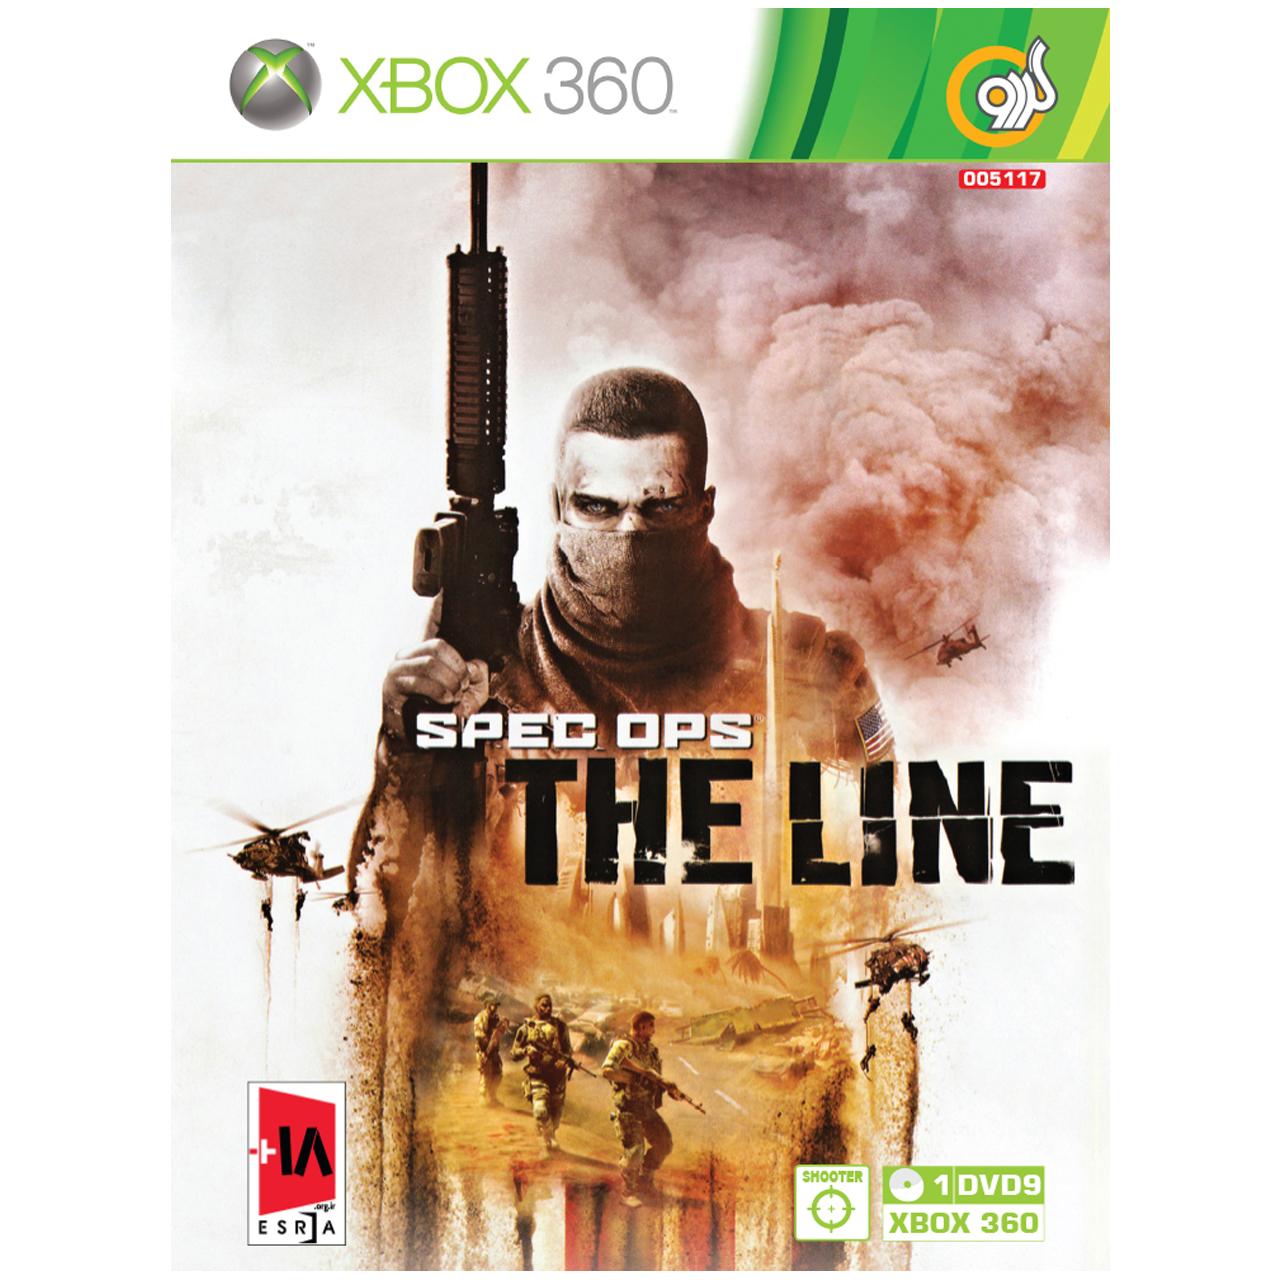 بازی گردو Spec Ops The Line مخصوص XBOX 360